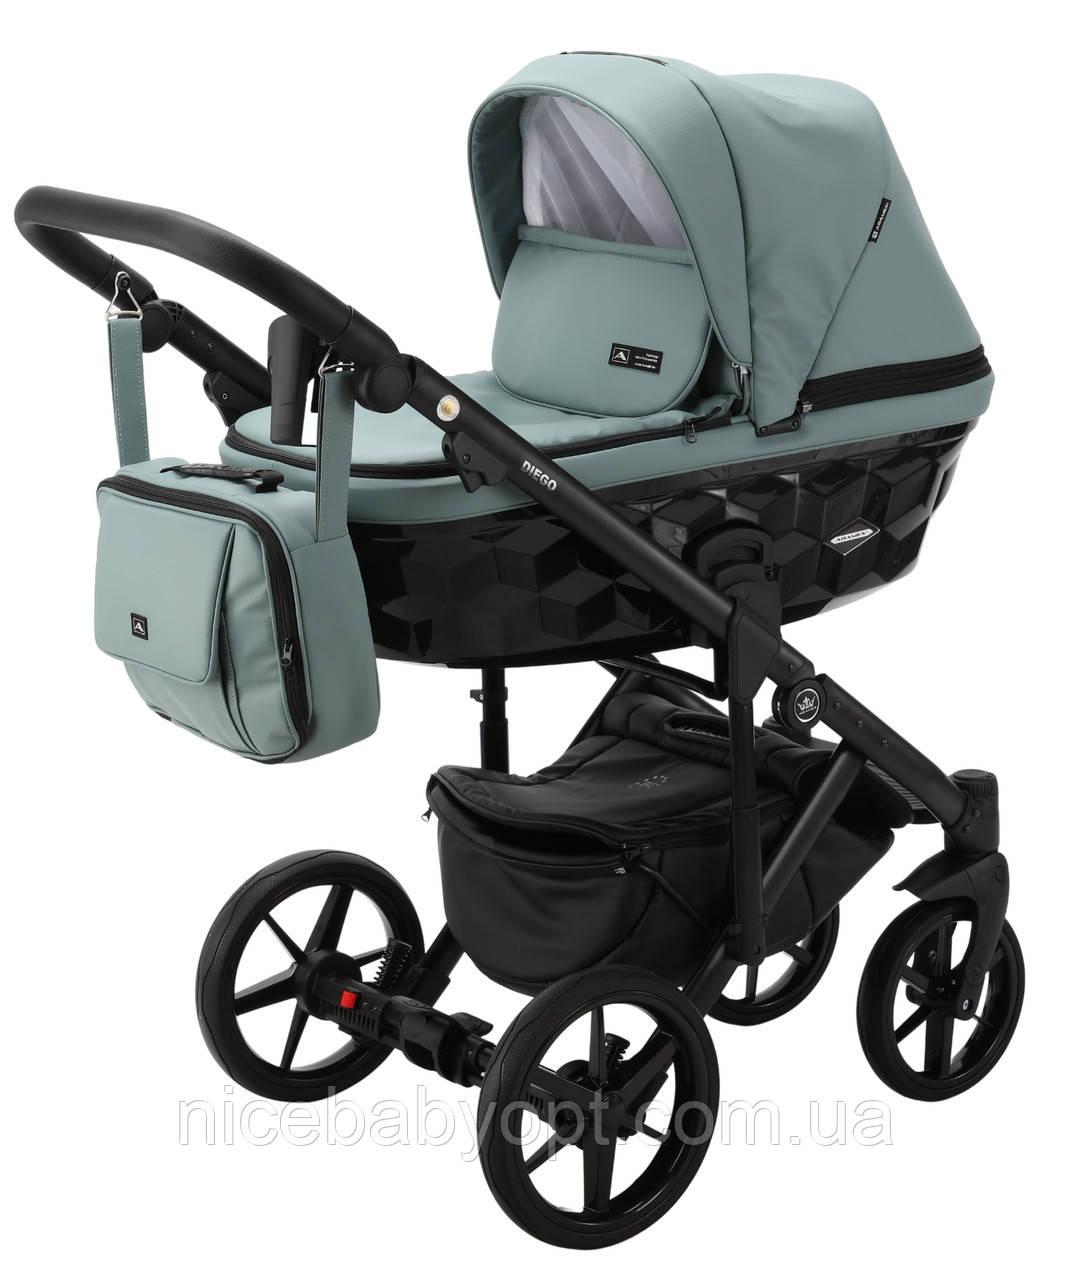 Детская универсальная коляска 2 в 1 Adamex Diego SA-20